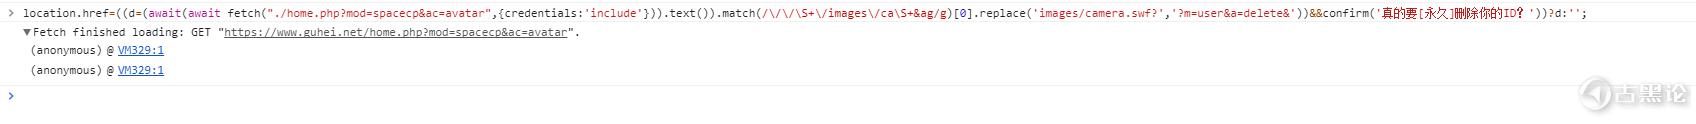 删除任意 discuz 论坛的账号漏洞 QQ截图20181021201954.png